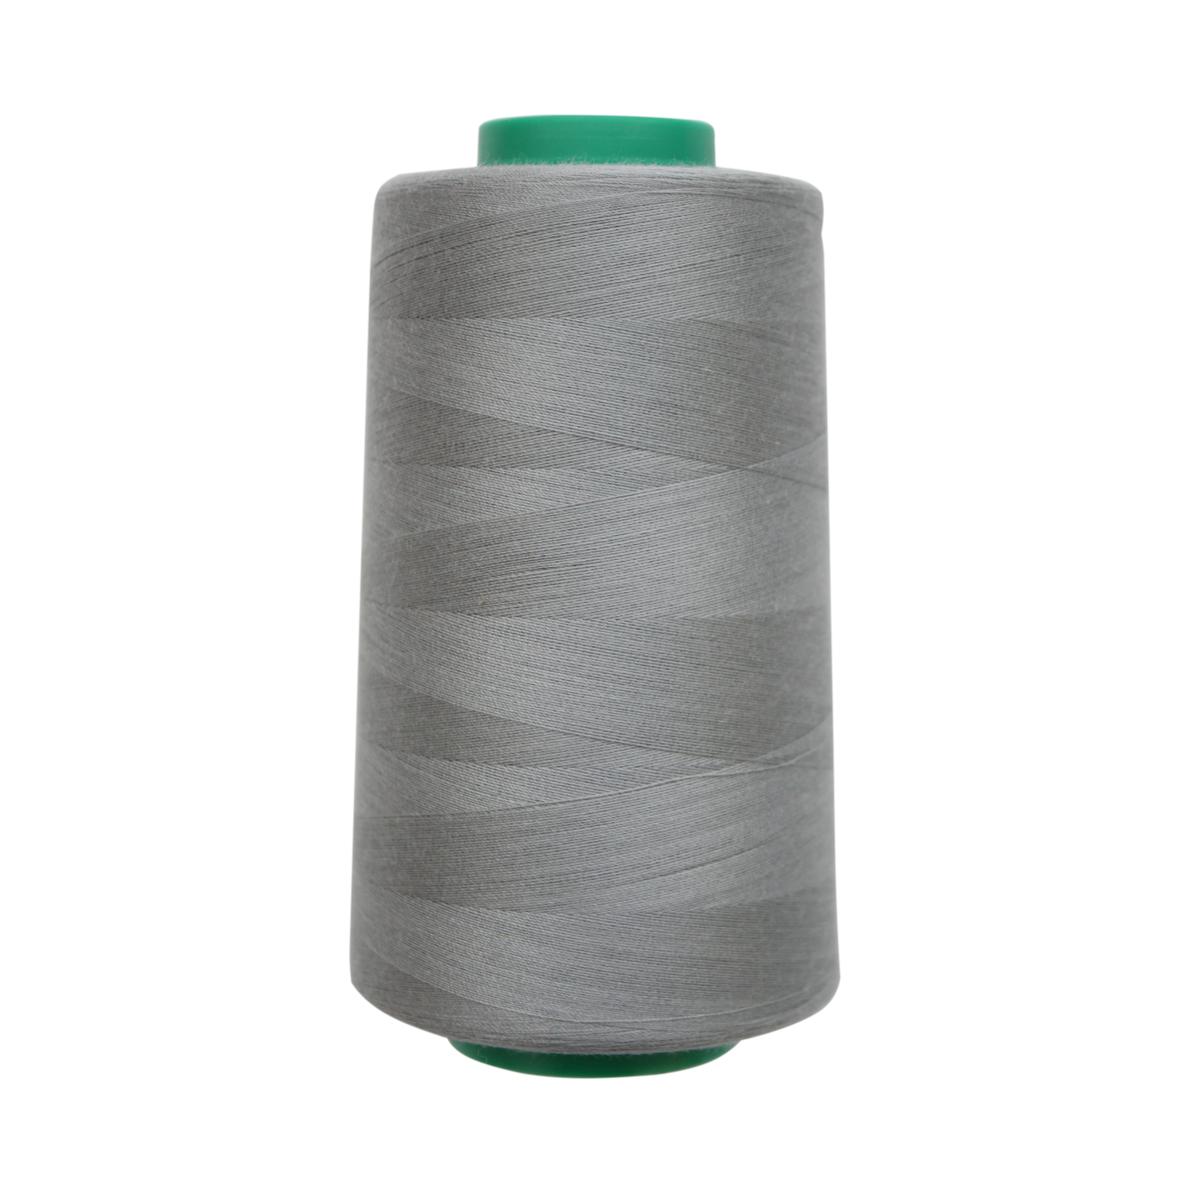 Нитки для шитья Bestex 50/2, 5000 ярд, цвет: серо-стальной (197)7700936-197Сфера использования: трикотаж; ткани малого веса; оверлочные швы; отделка краев; вышивка. Размер игл №70-80